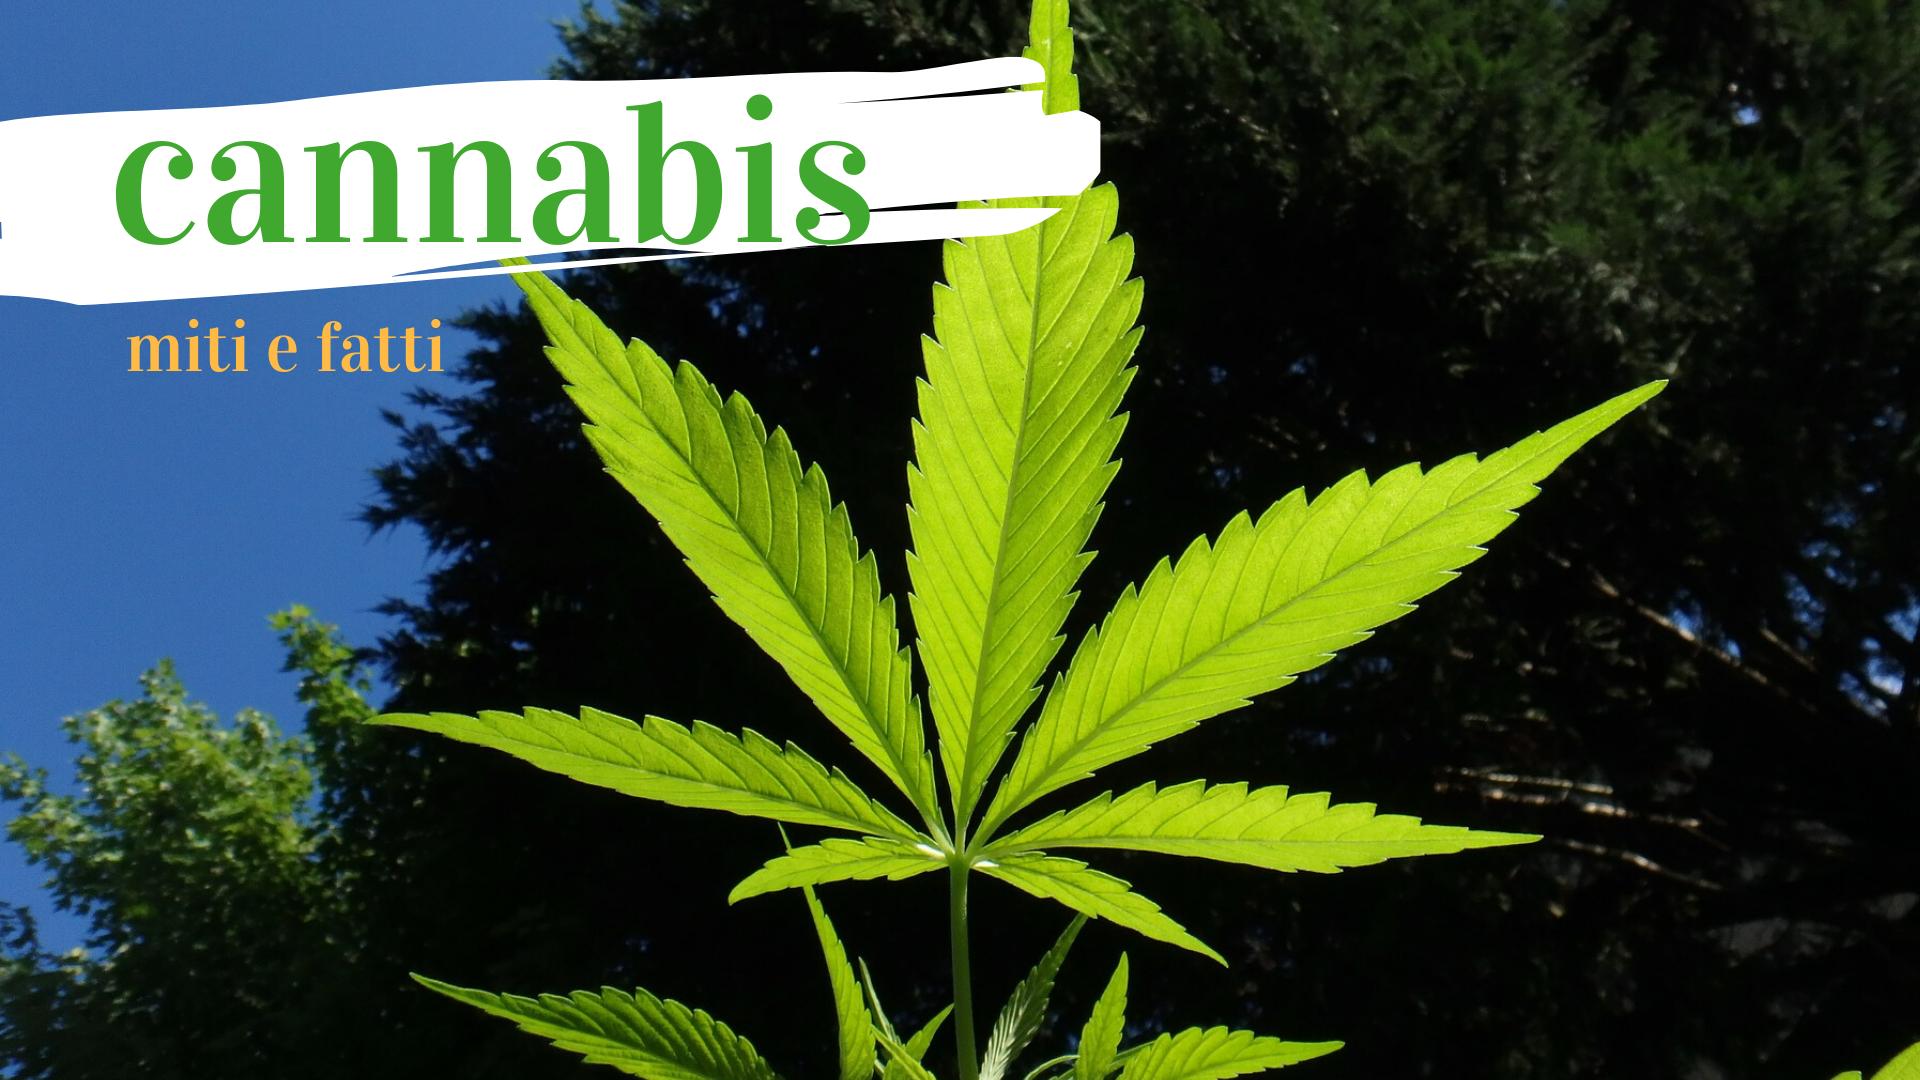 Cannabis. Miti e fatti.